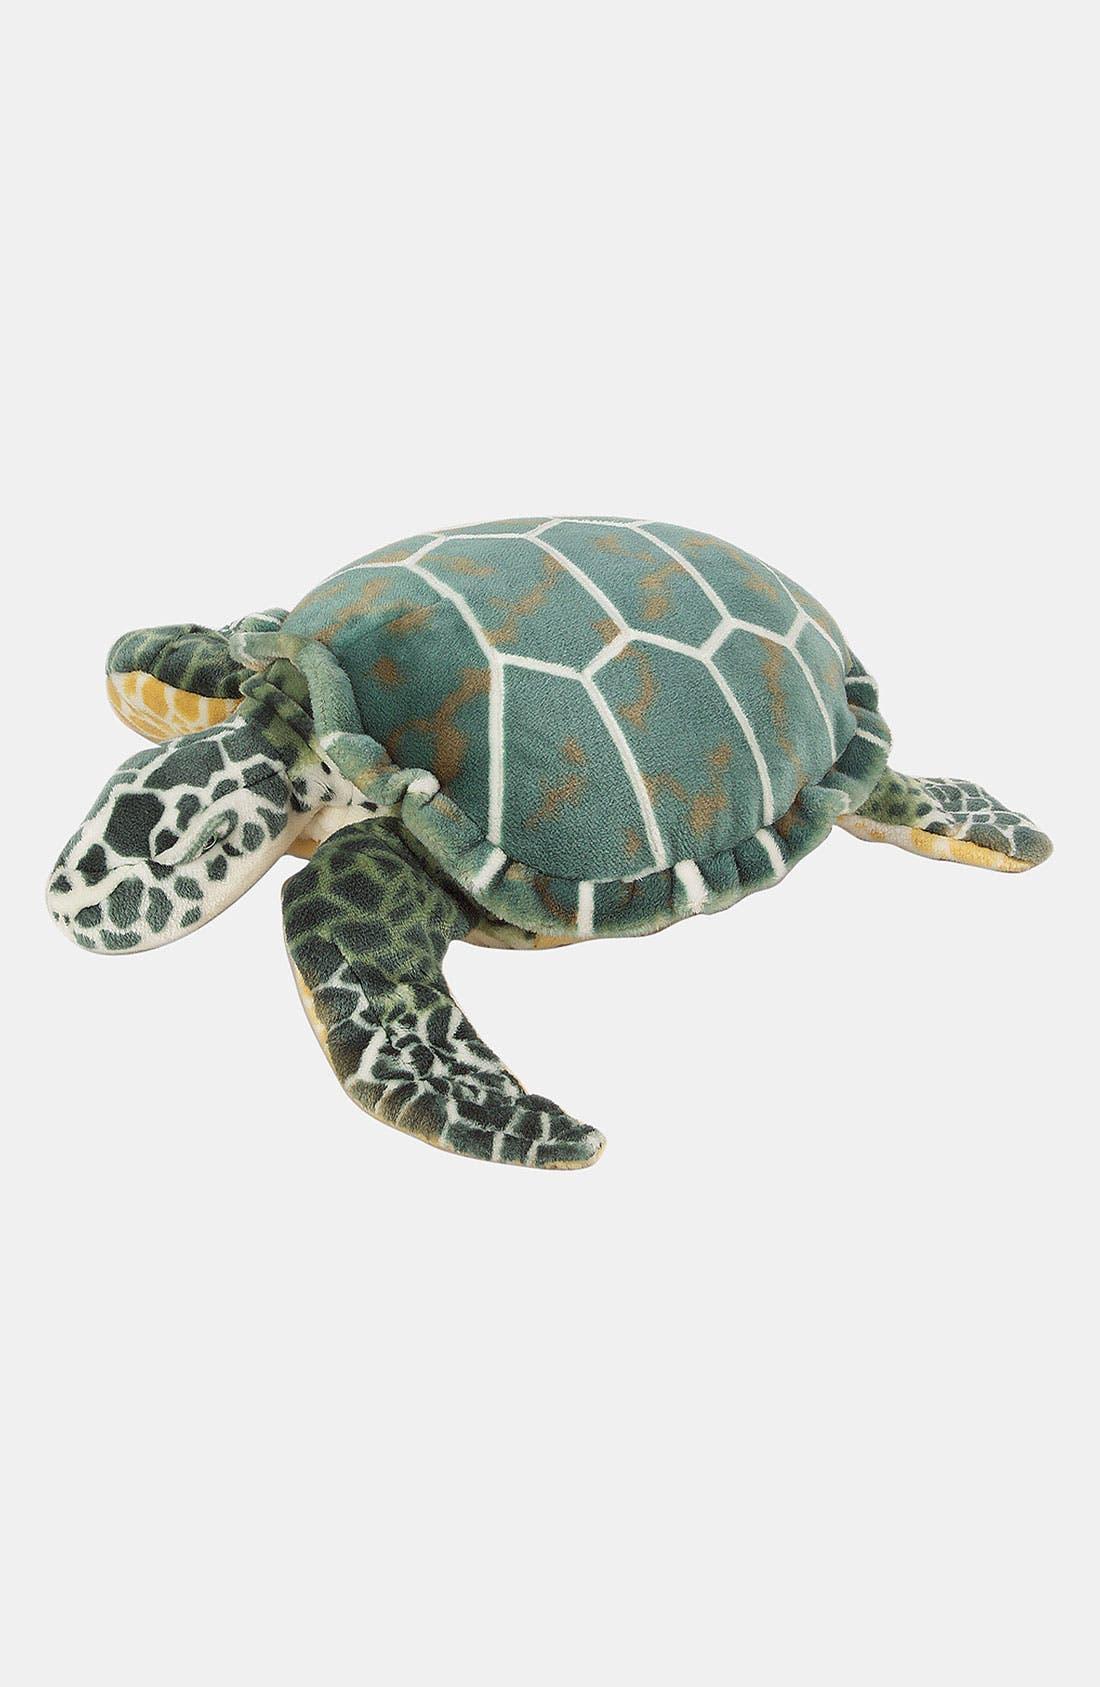 Oversized Plush Stuffed Sea Turtle,                             Main thumbnail 1, color,                             960